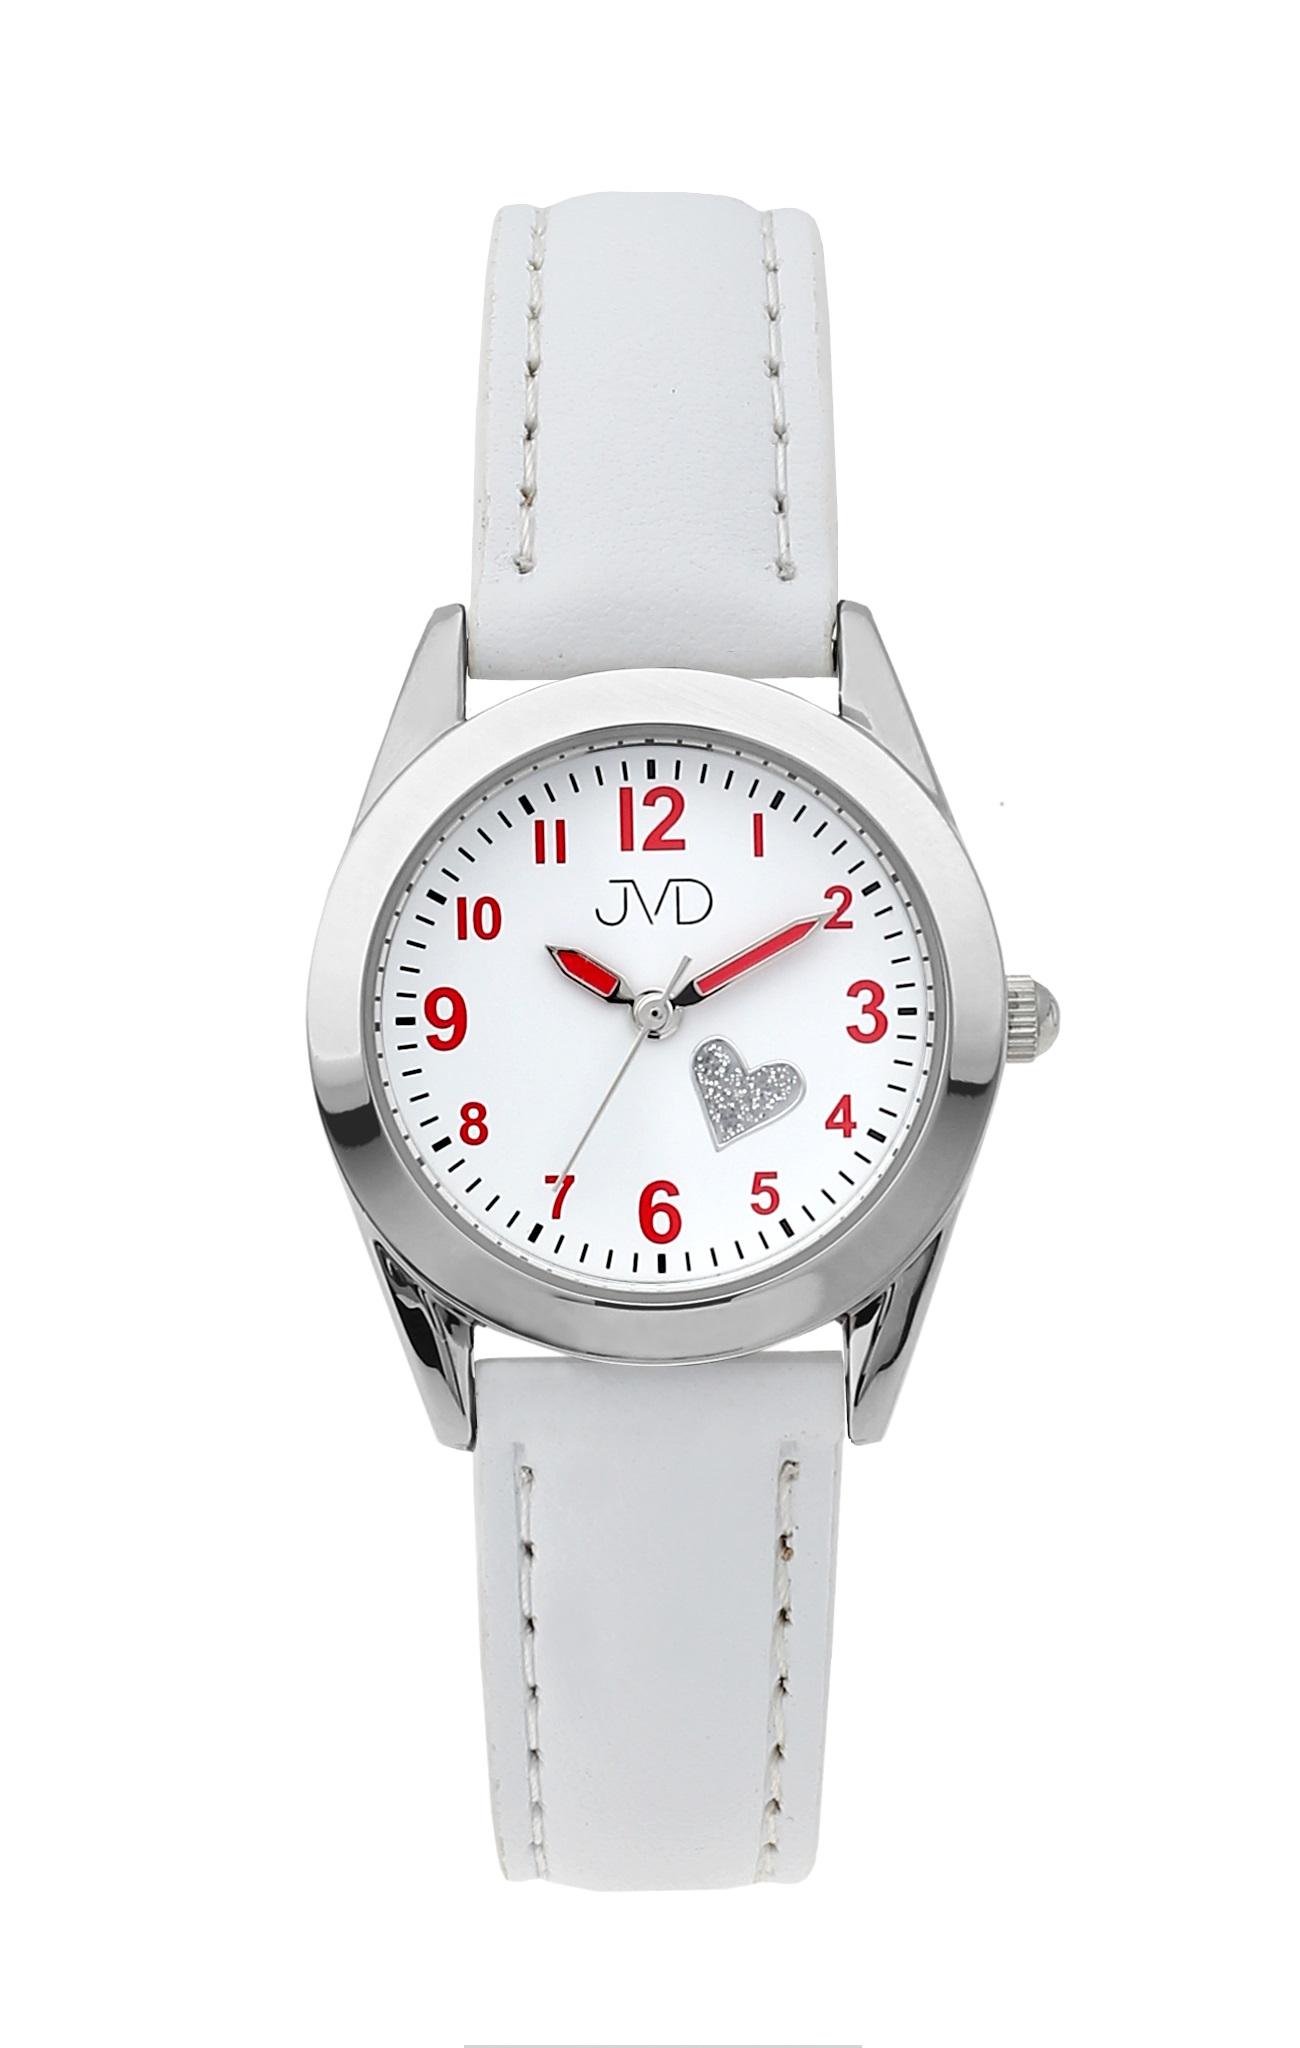 Dětské dívčí náramkové čitelné hodinky JVD J7178.2 se srdíčkem (bílé dívčí hodinky)